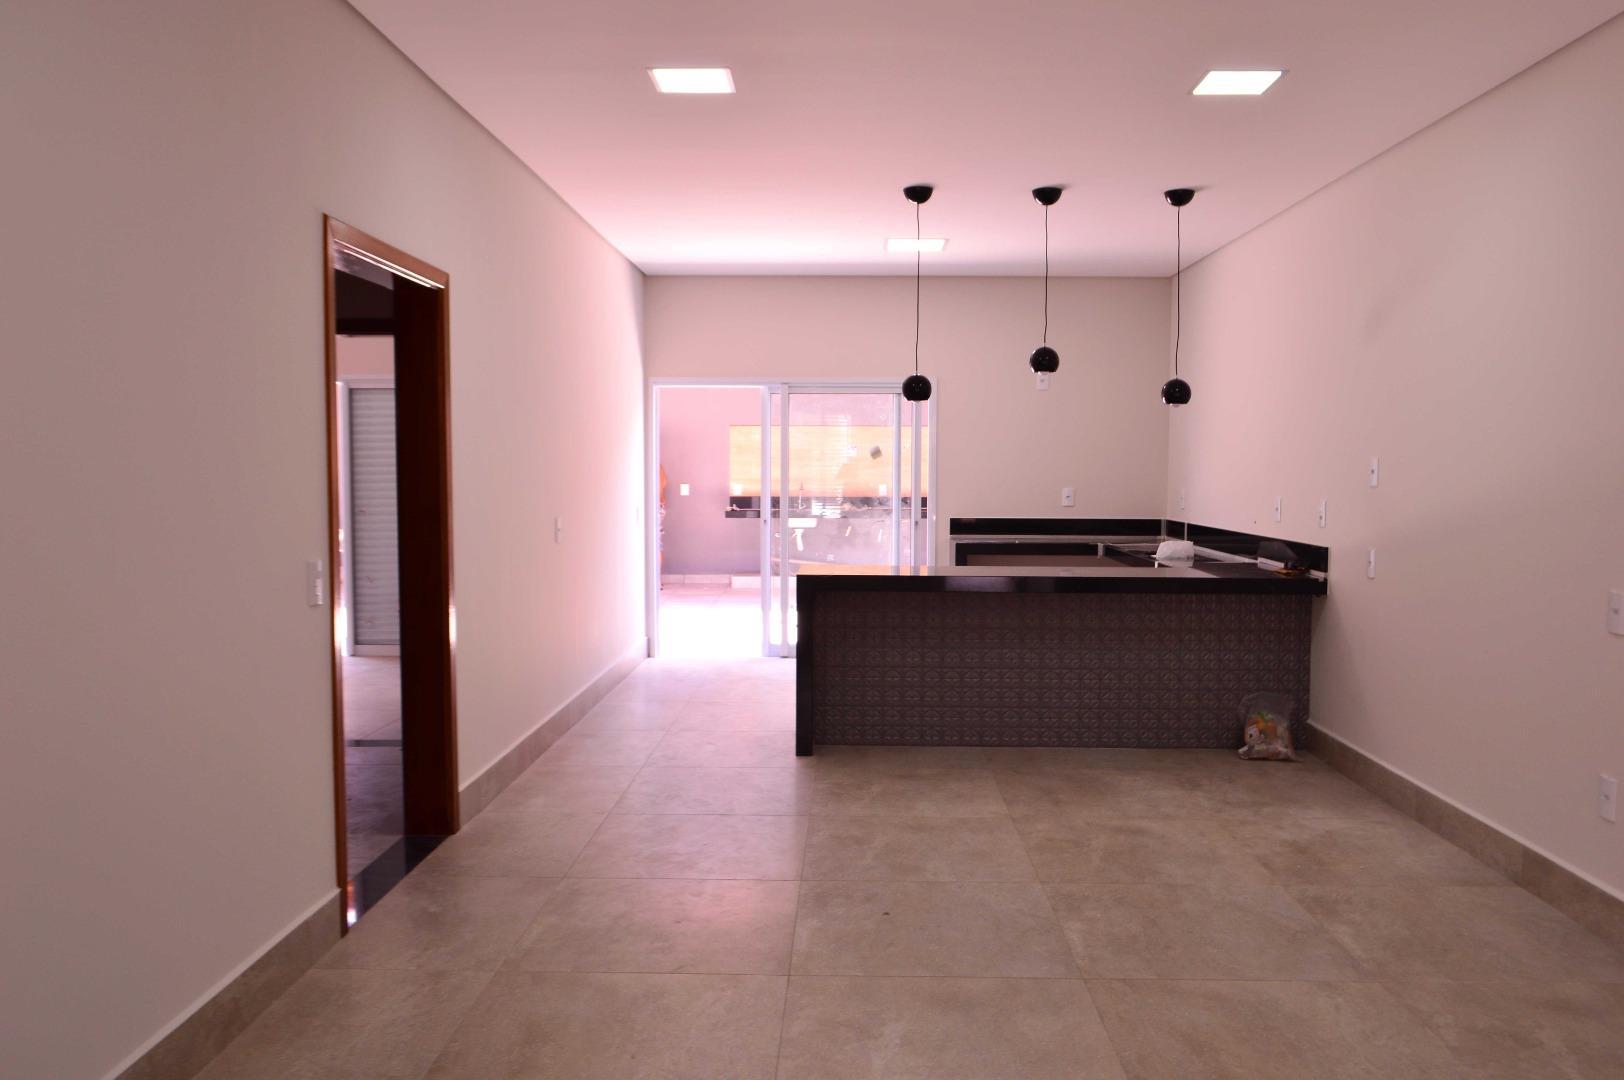 Casa com 3 quartos à venda, 120 m² por R$ 371.000 - Jardim Altos do Klavin - Nova Odessa/SP